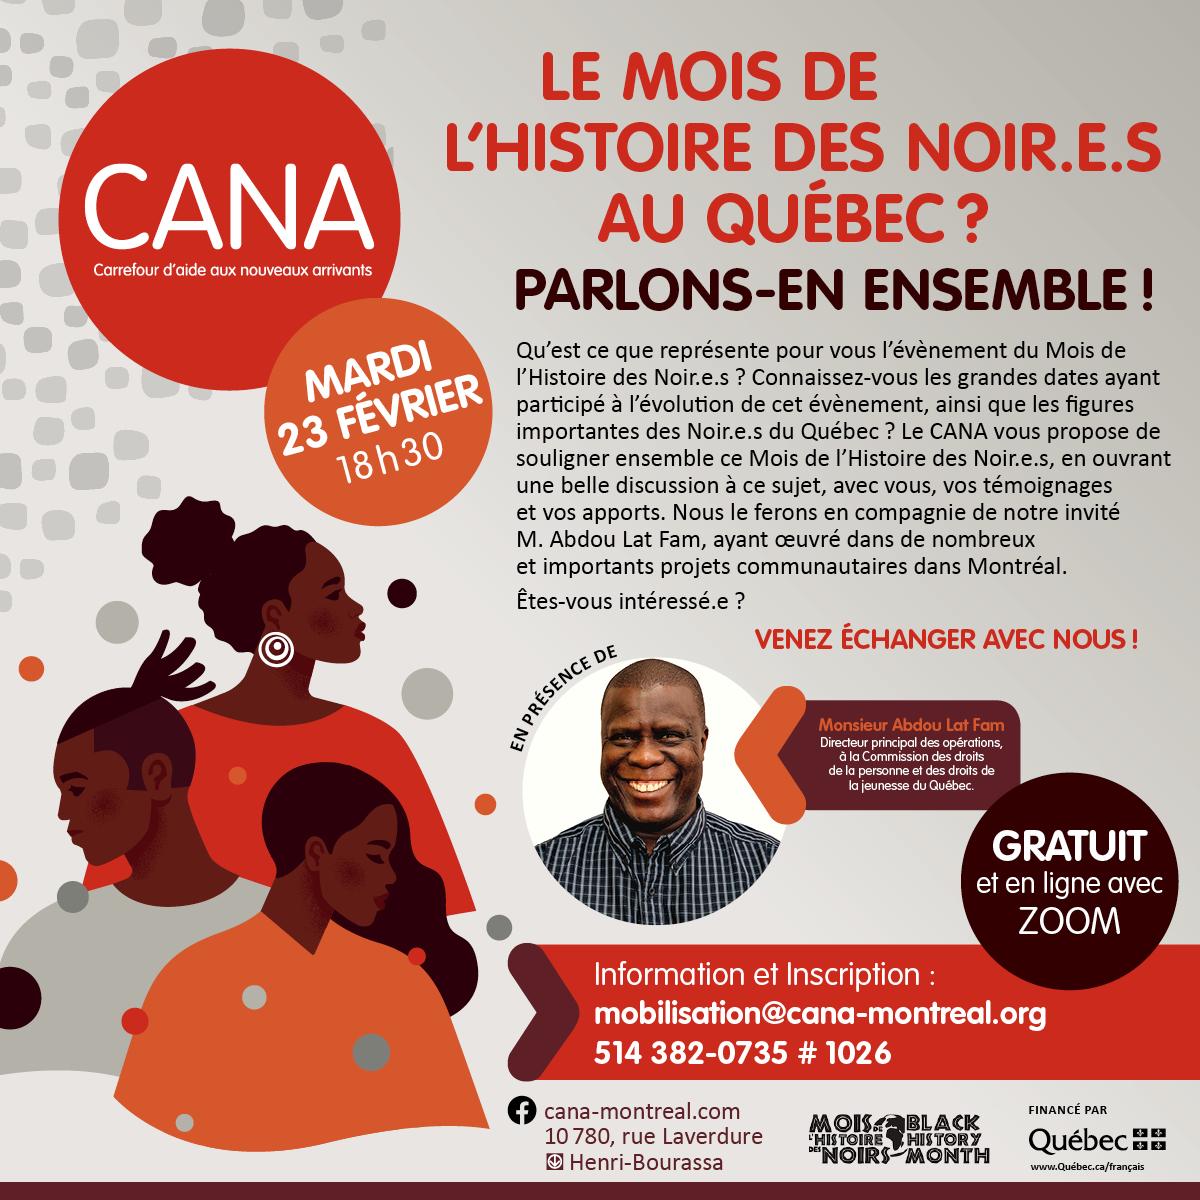 Le Mois de l'histoire des Noir.e.s au Québec, parlons-en ensemble !